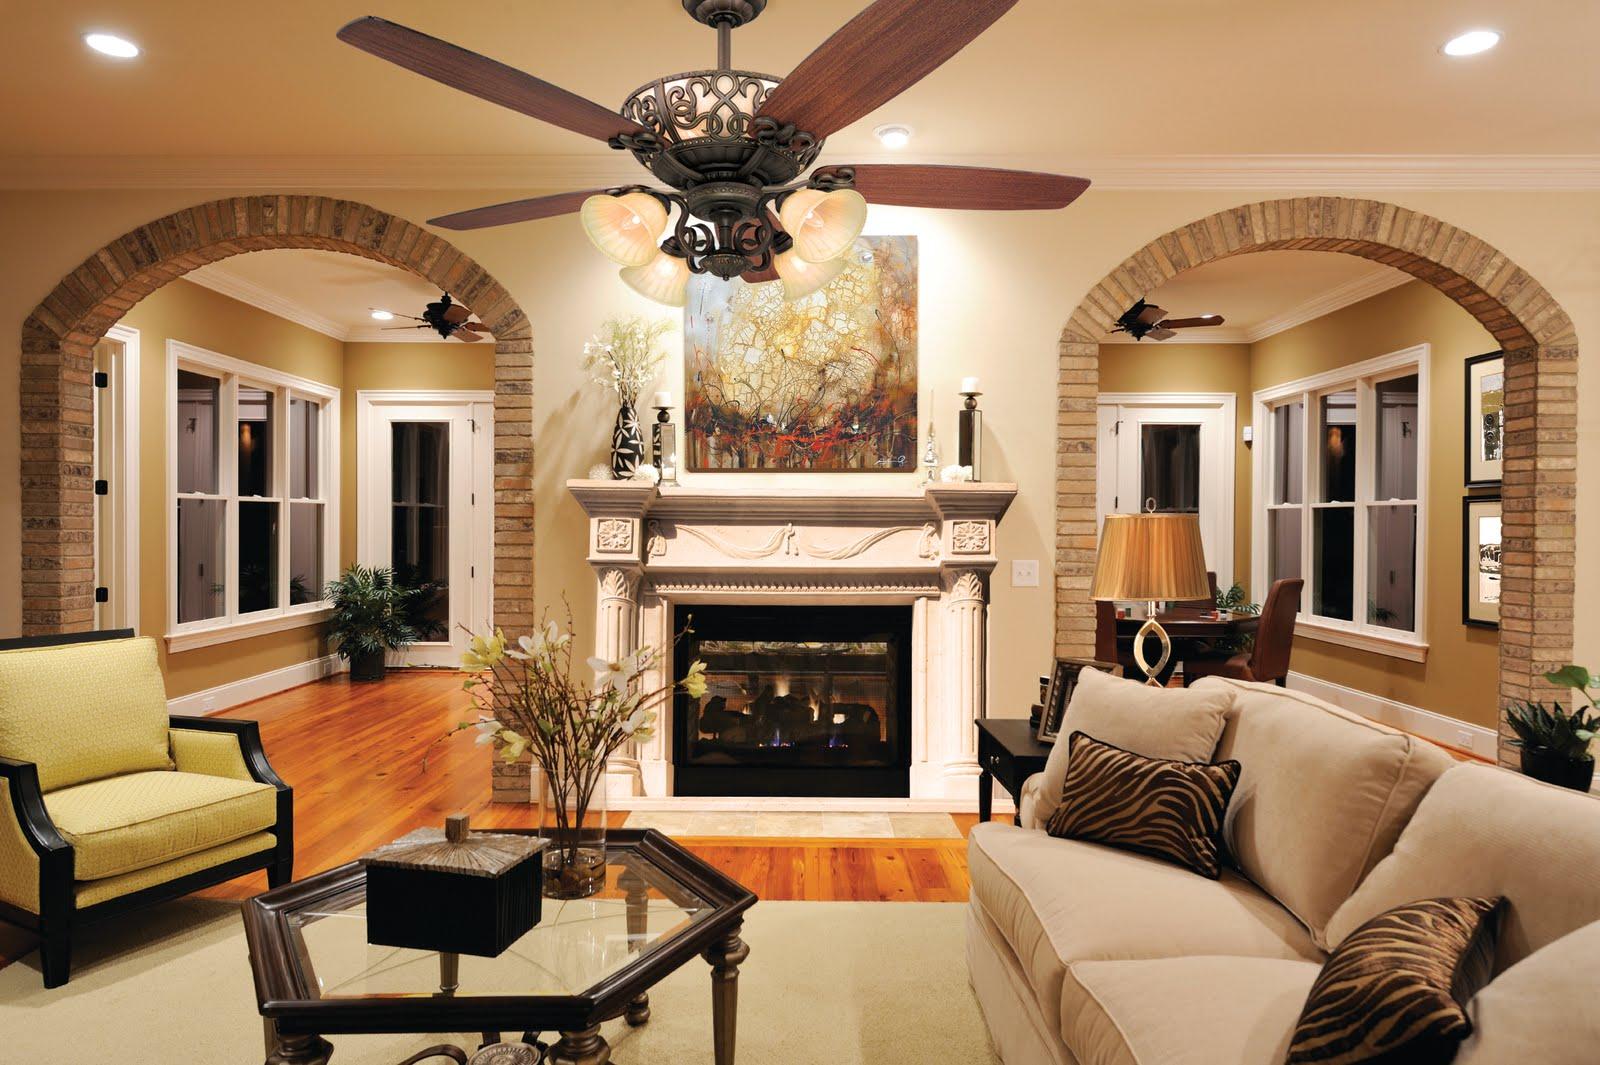 بهترین راه برای تزئین بخش پذیرایی خانه